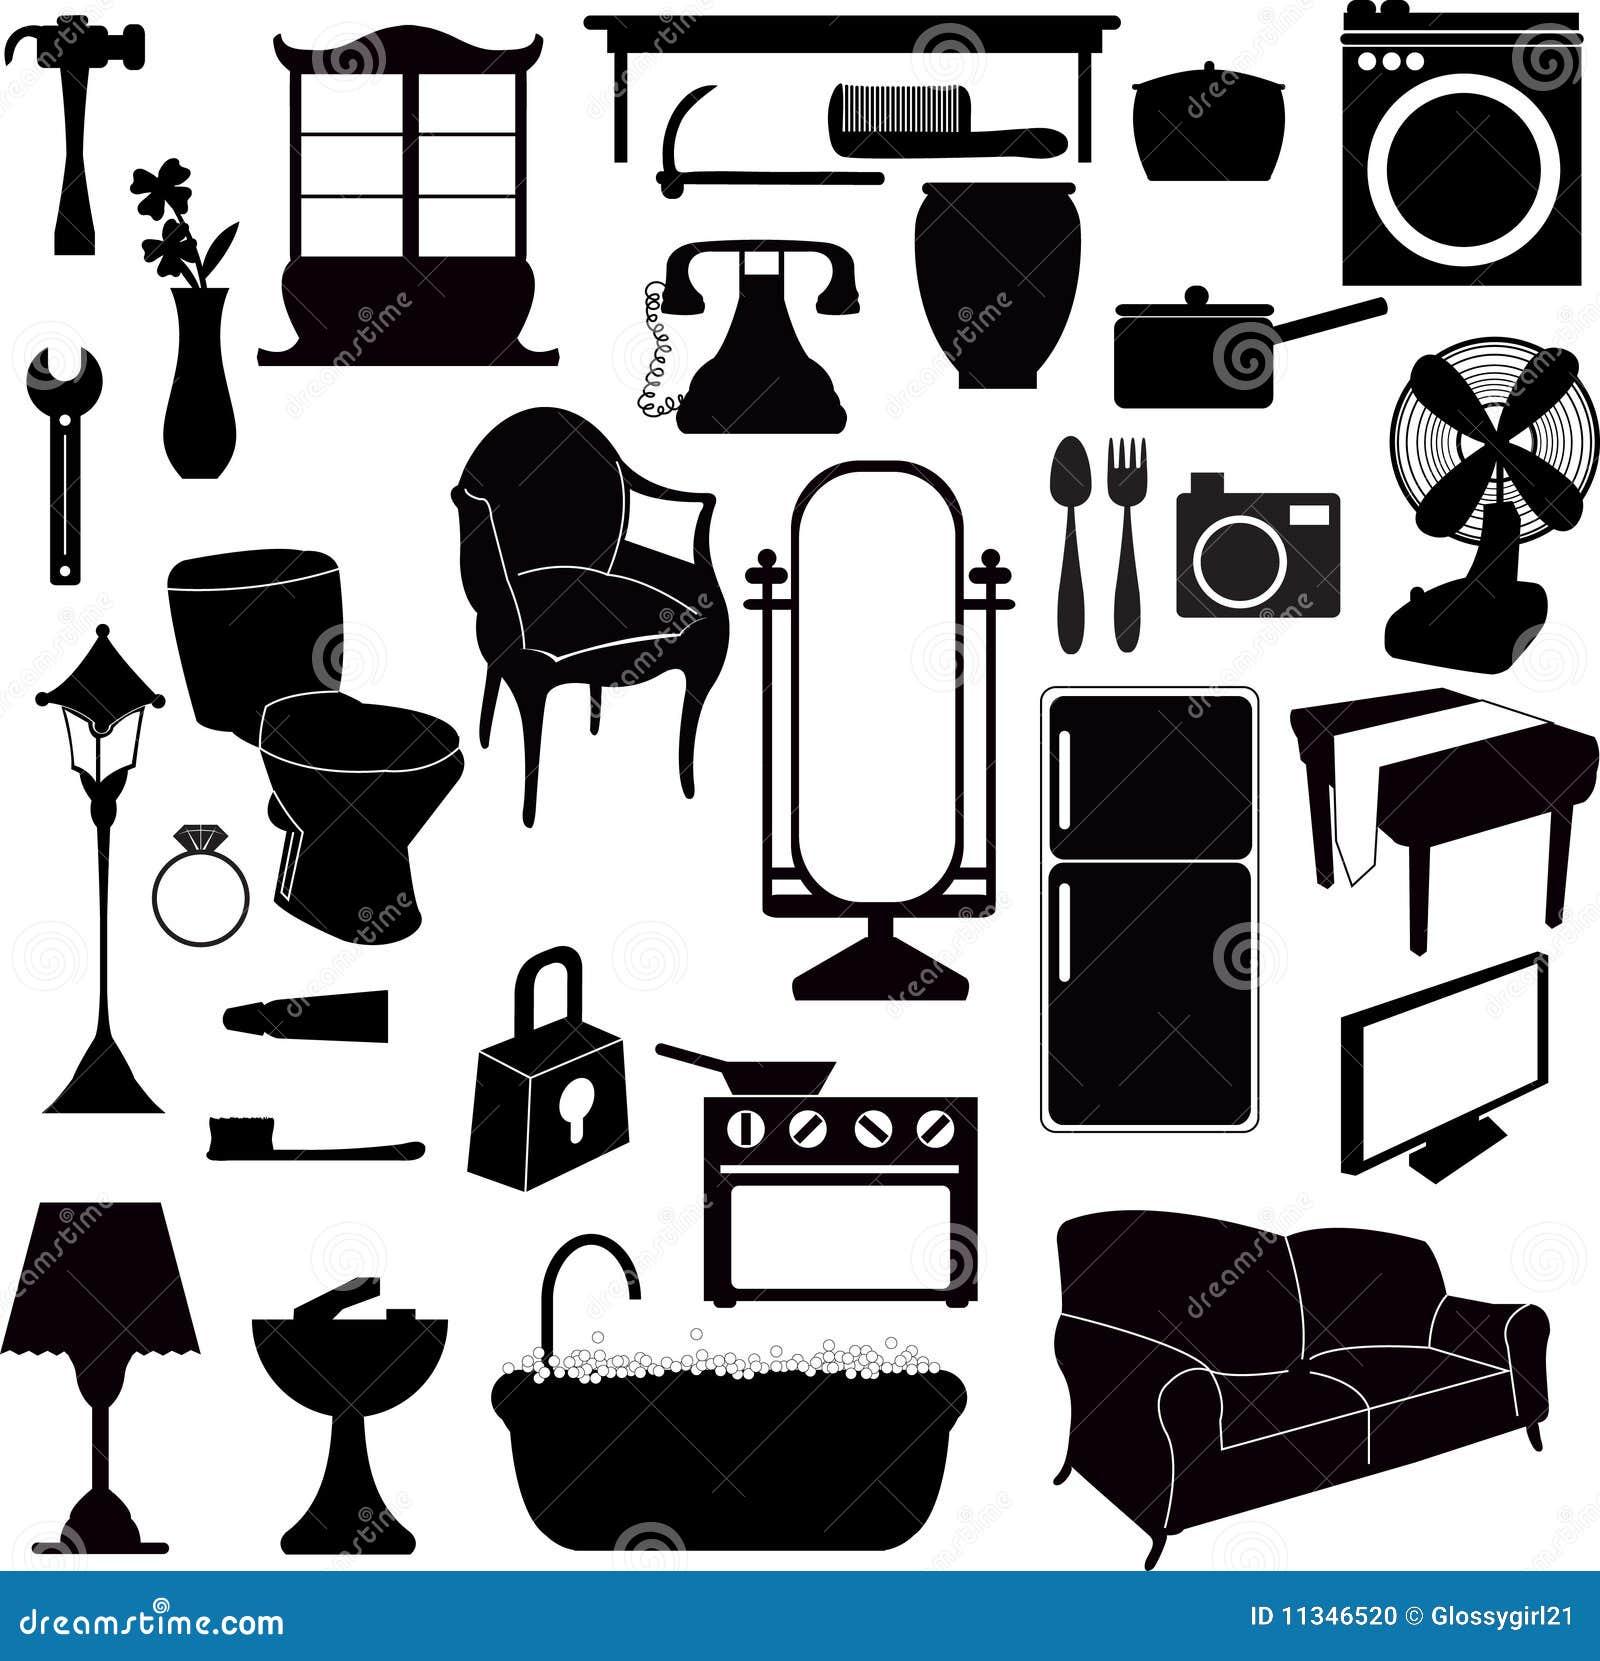 Muebles de las siluetas y otros objetos ilustraci n del for Vintage muebles y objetos